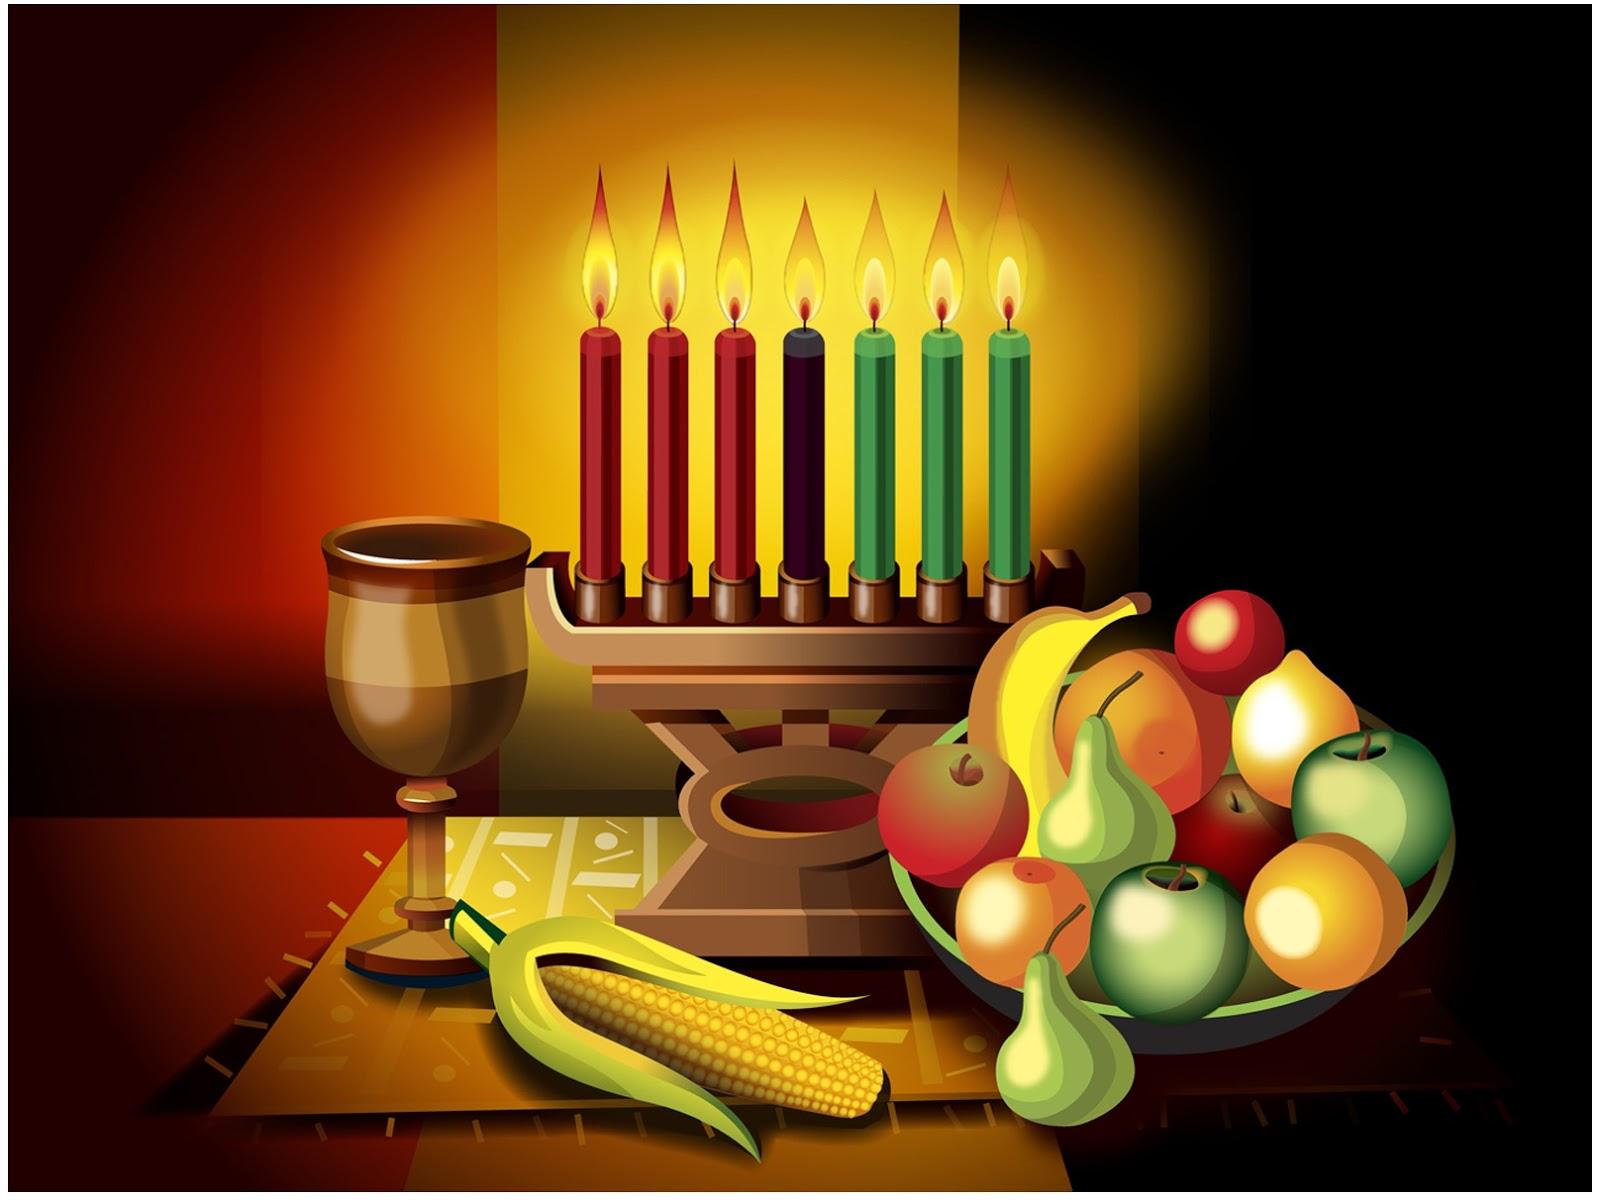 happy hanukkah 2017 chanukah 2017 hanukkah 2017